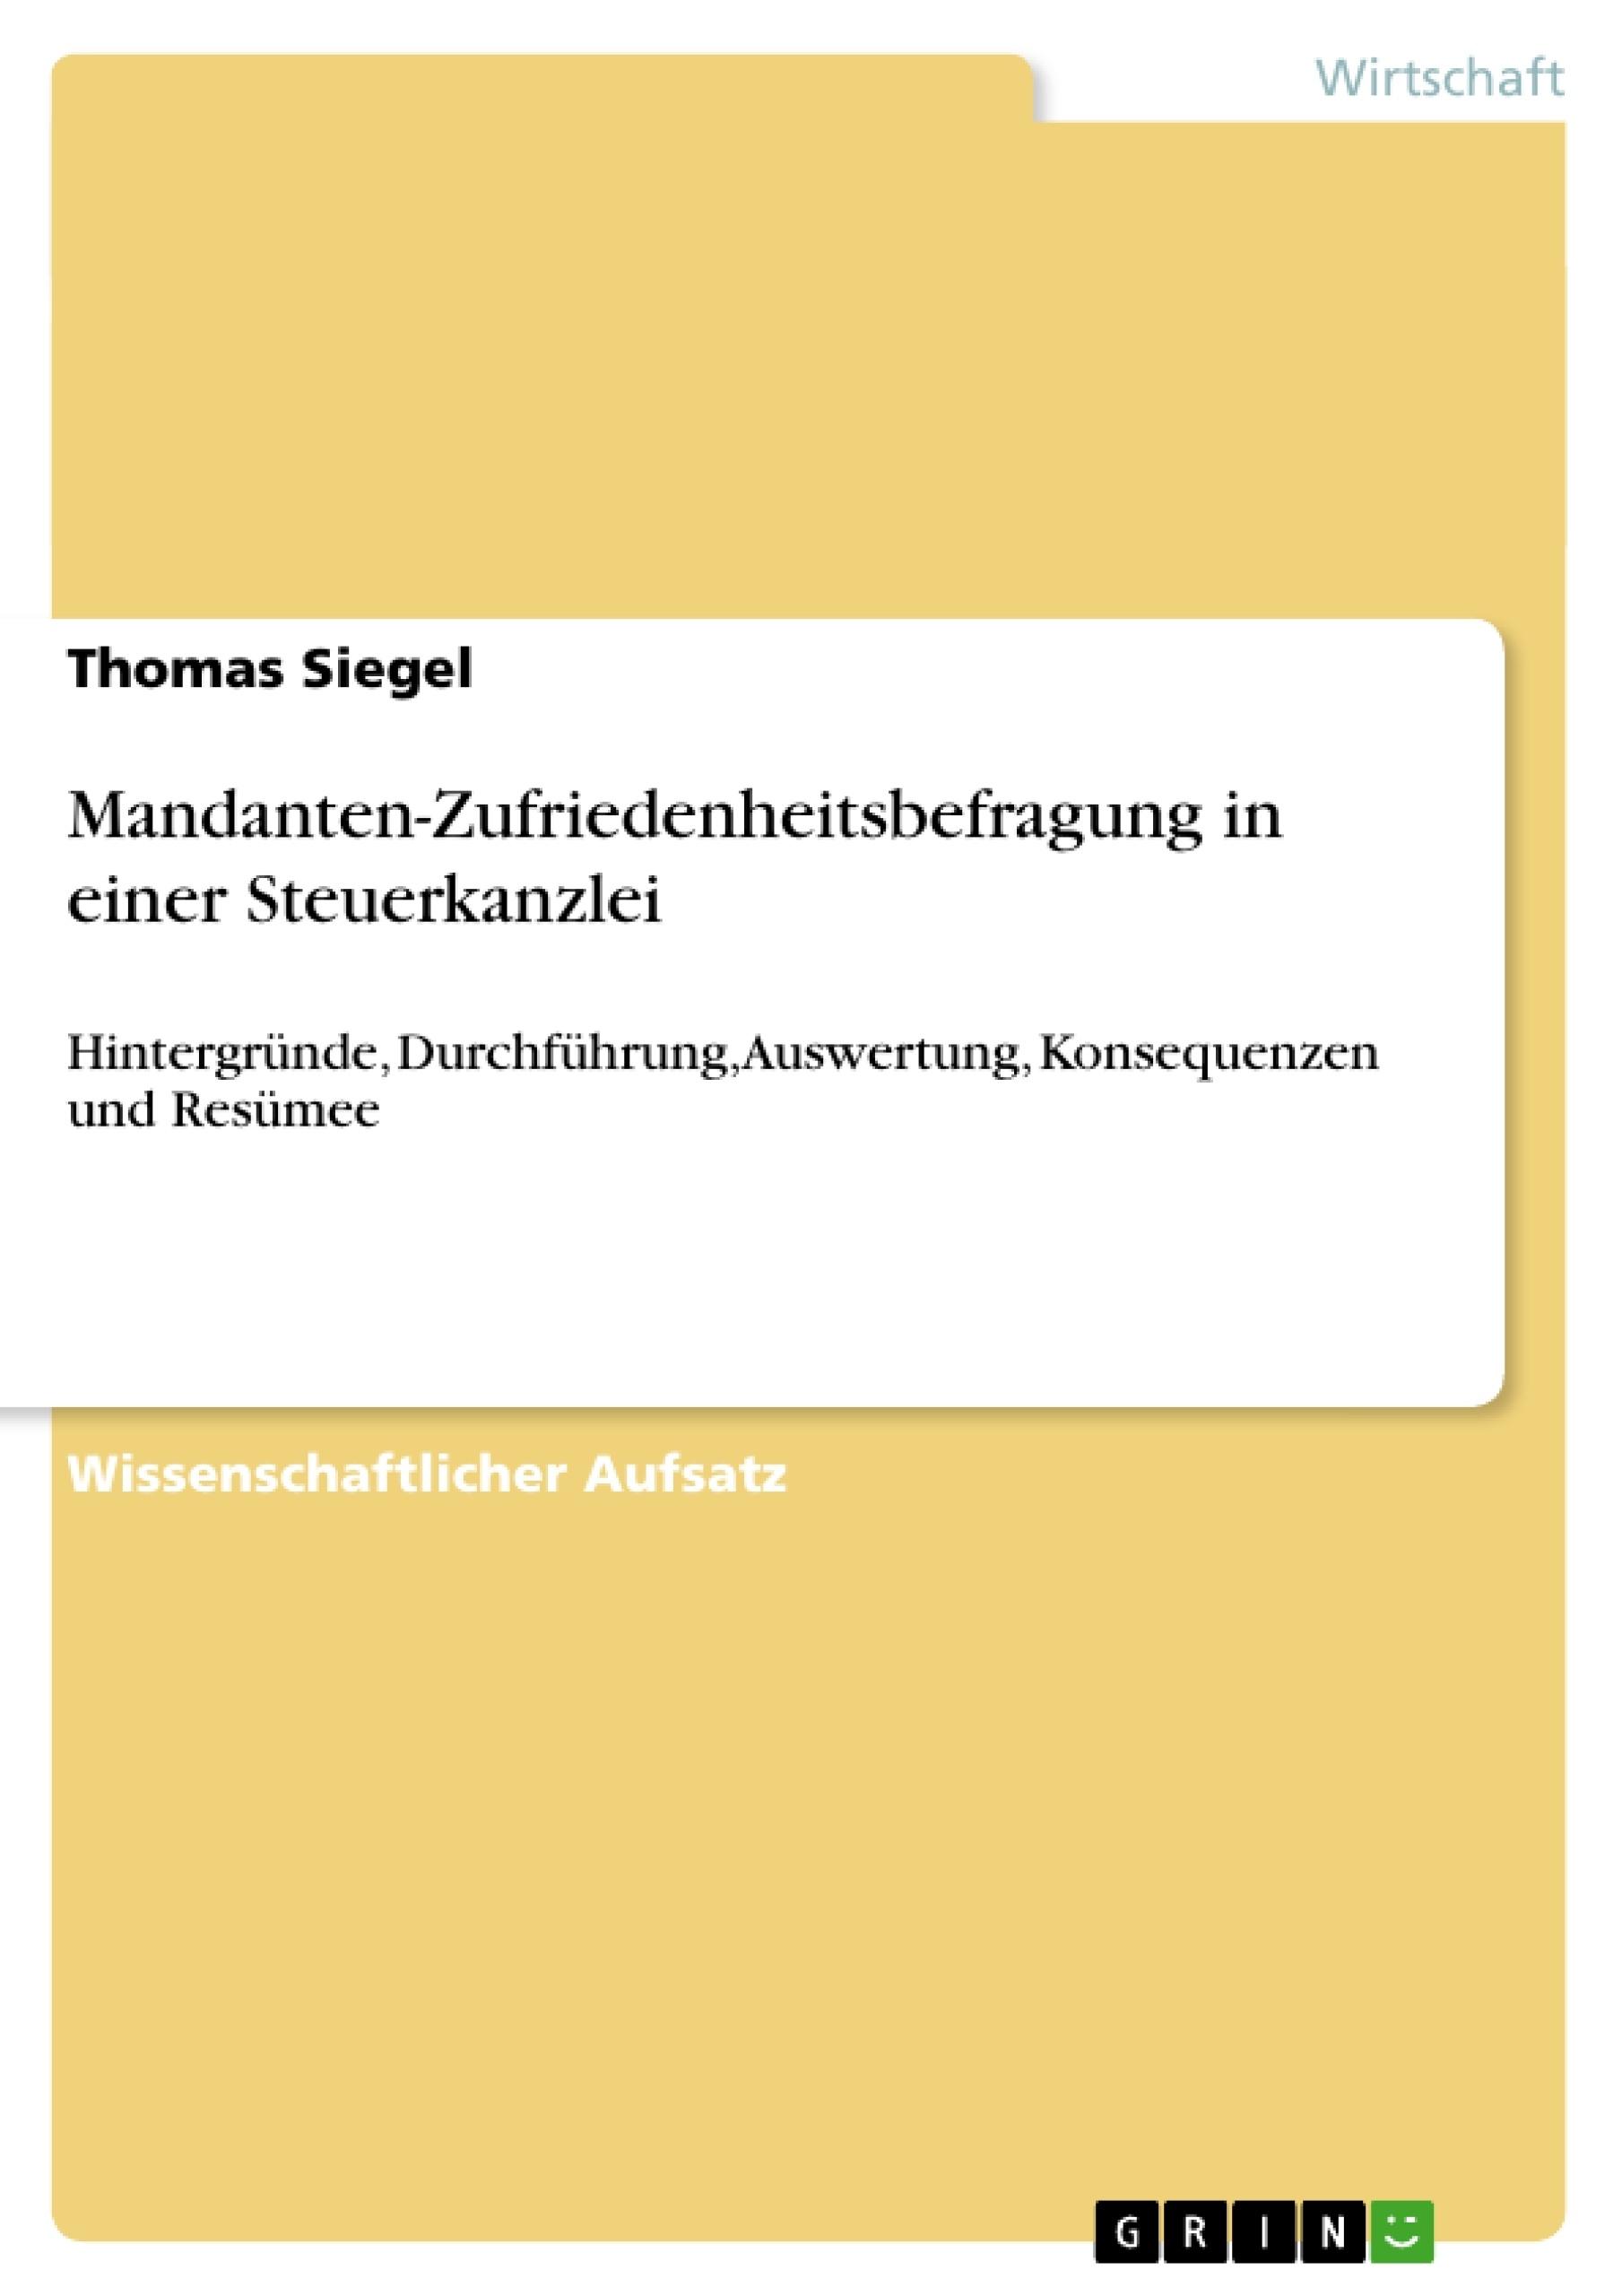 Titel: Mandanten-Zufriedenheitsbefragung in einer Steuerkanzlei